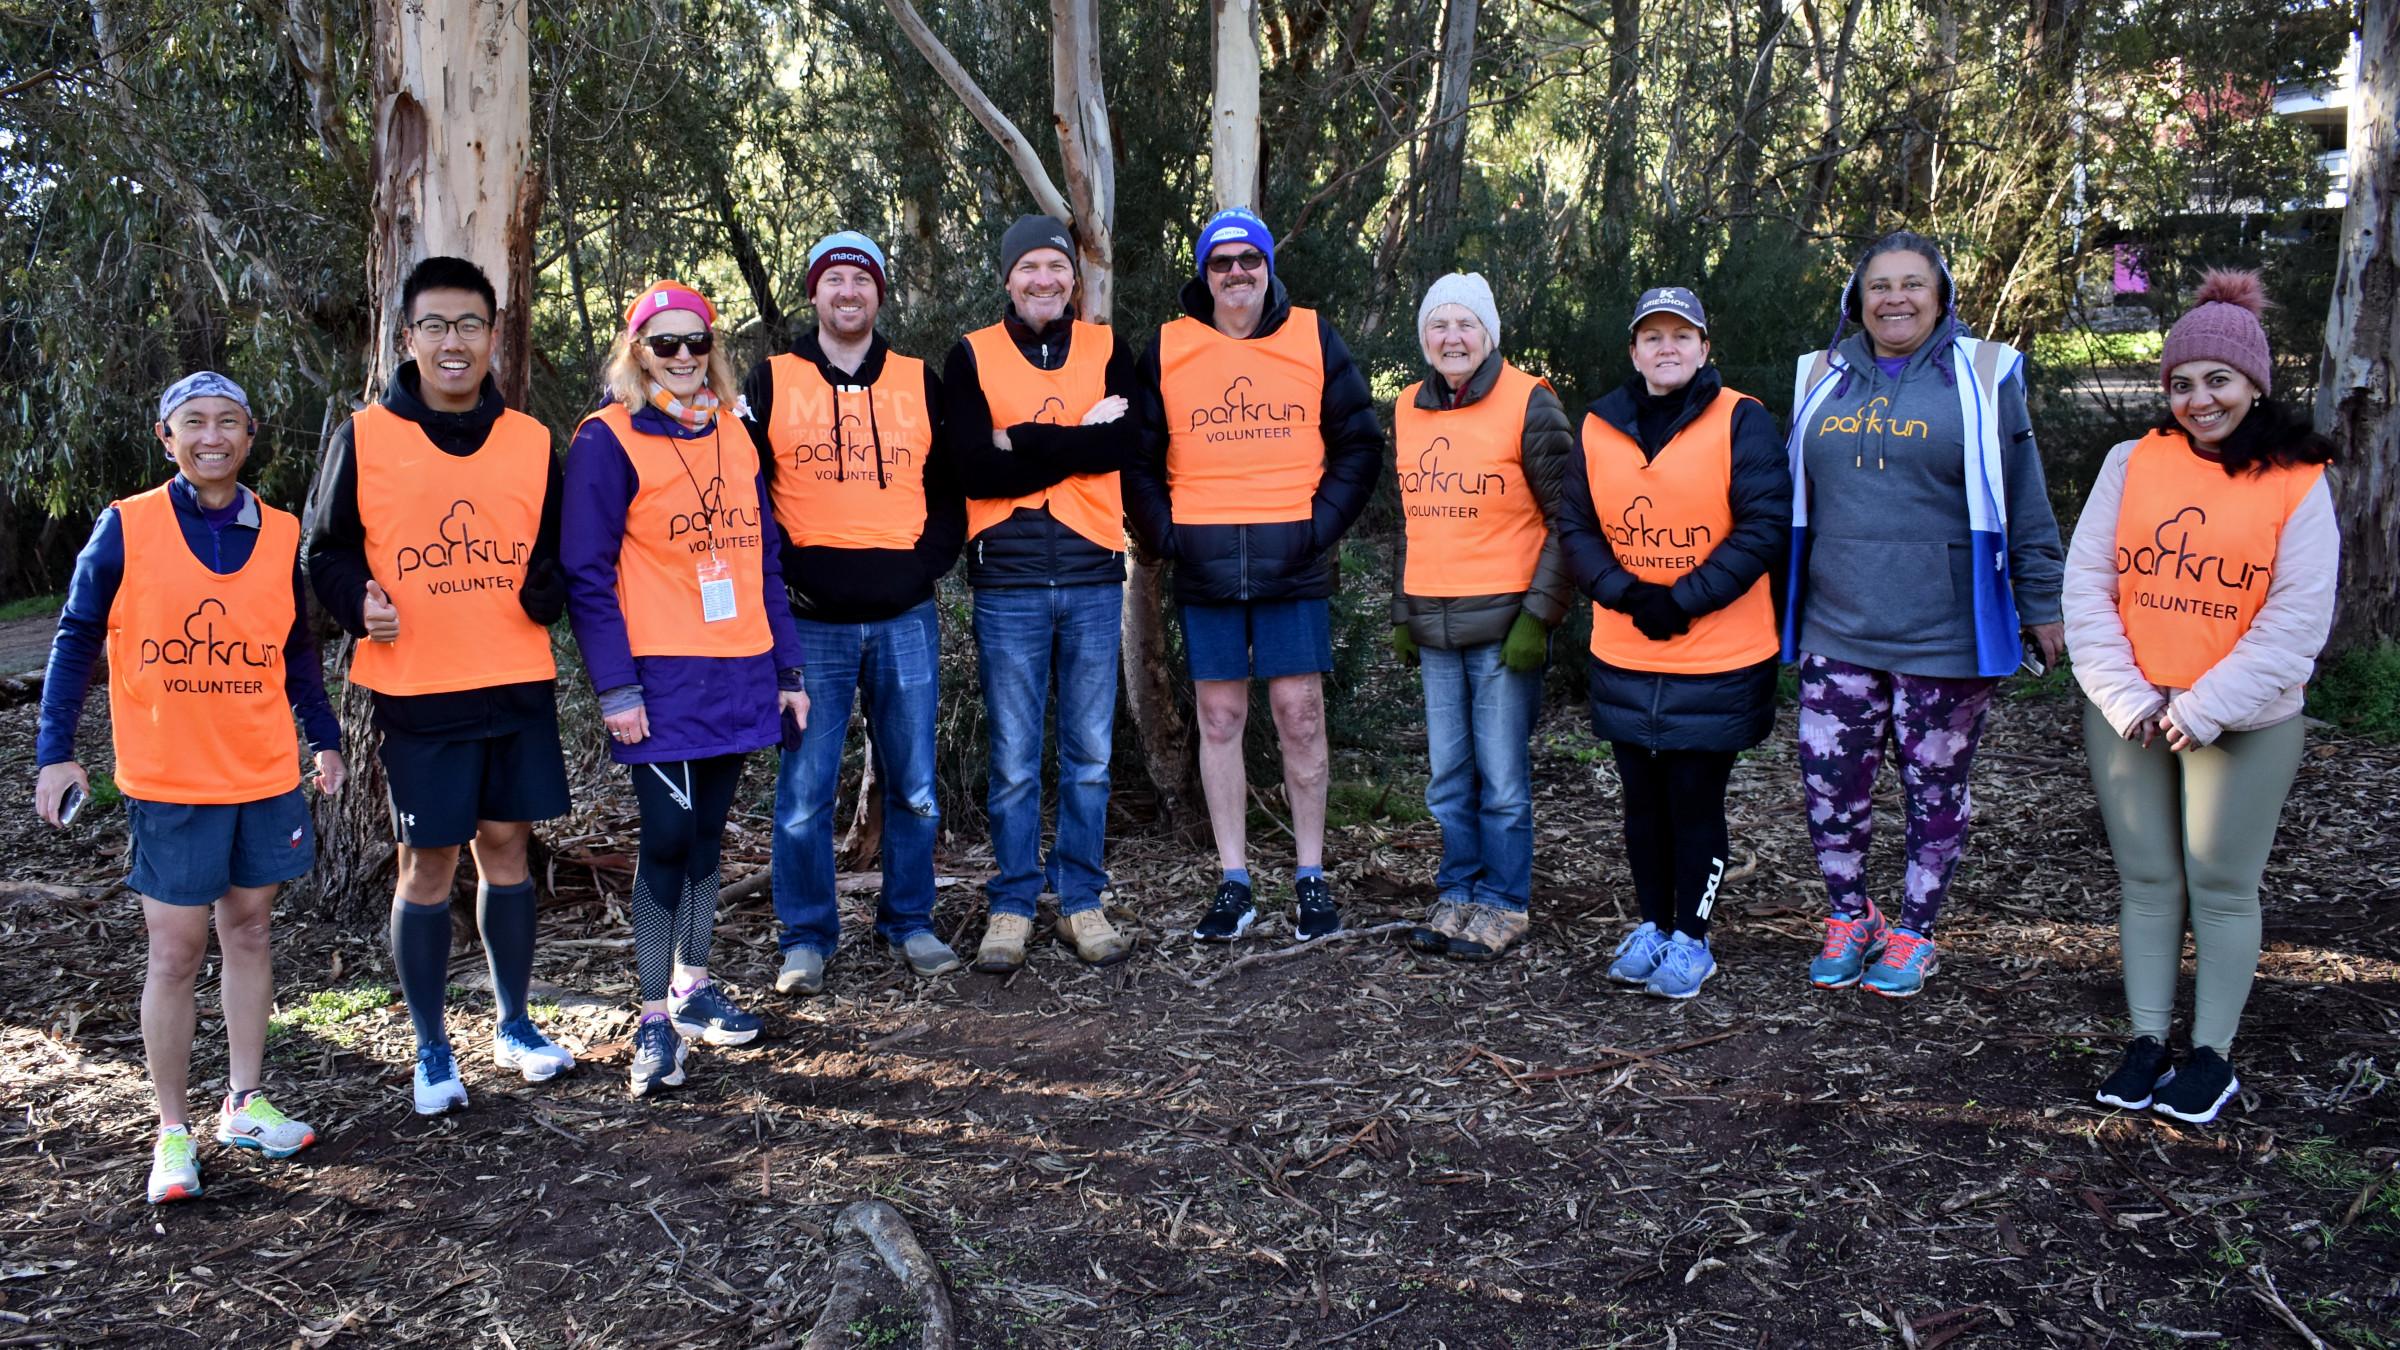 Ten volunteers wearing orange vests line up for the photo.